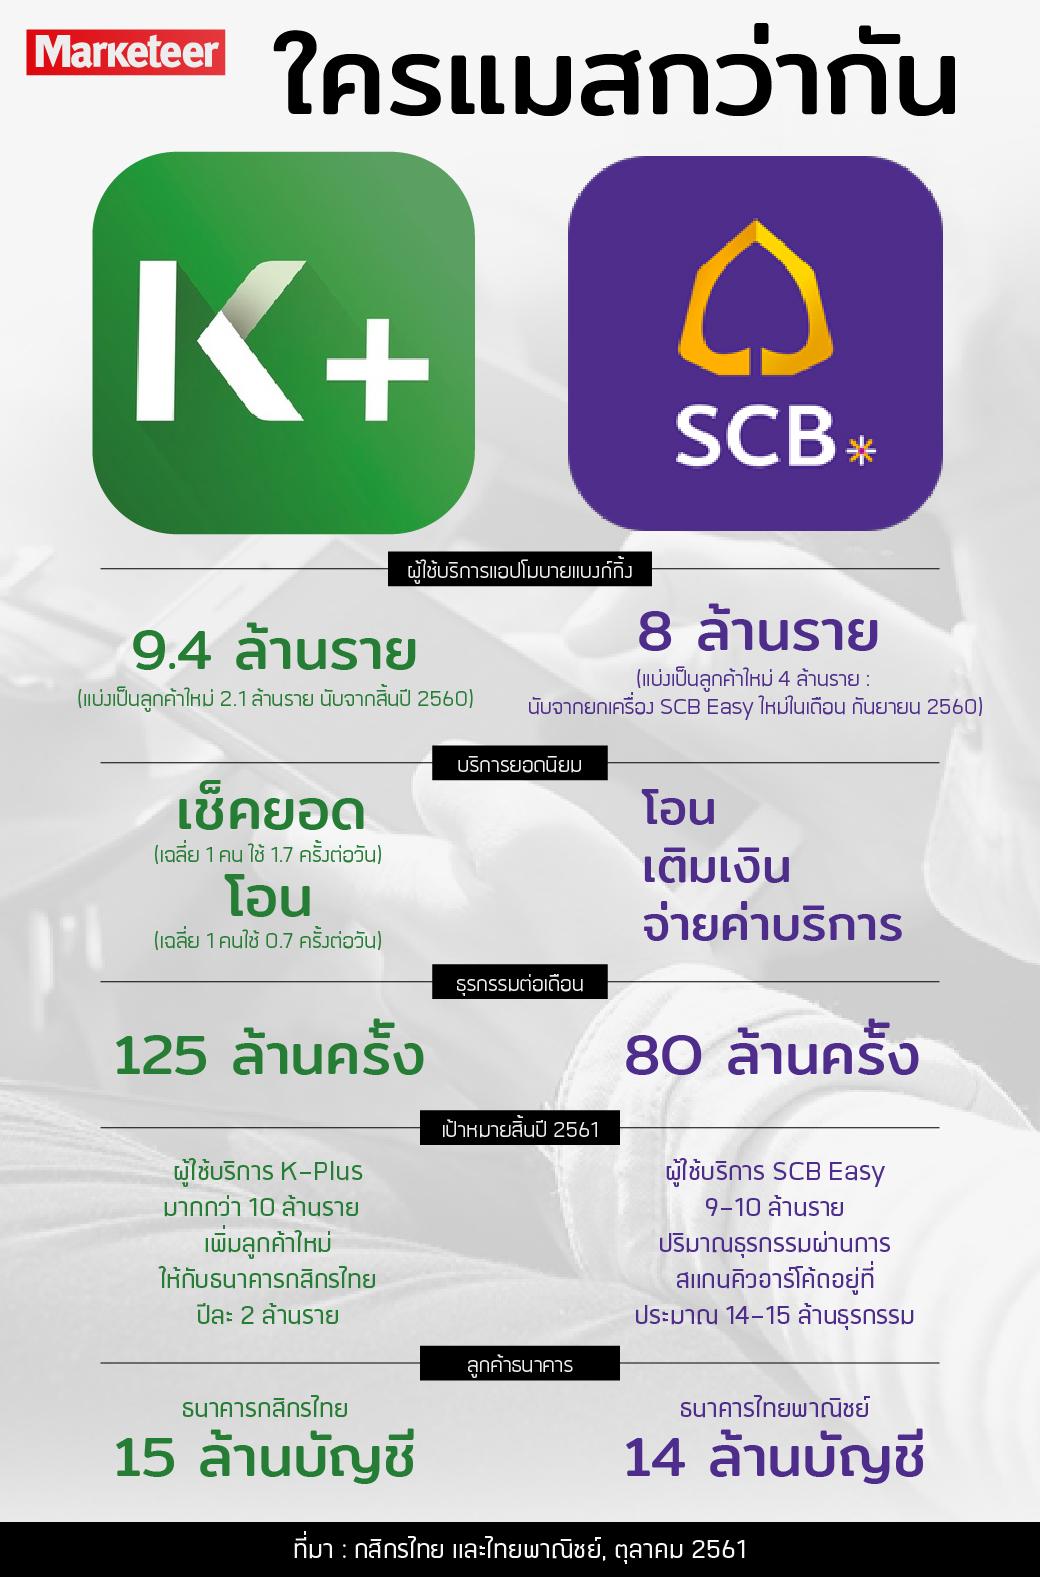 ใครแมสกว่ากัน K-Plus SCB Easy ผู้ใช้บริการแอปโมบายแบงก์กิ้ง 9.4 ล้านราย (แบ่งเป็นลูกค้าใหม่ 2.1 ล้านราย นับจากสิ้นปี 2560) 8 ล้านราย (แบ่งเป็นลูกค้าใหม่ 4 ล้านราย : นับจากยกเครื่อง SCB Easy ใหม่ในเดือน กันยายน 2560) บริการยอดนิยม เช็คยอด (เฉลี่ย 1 คน ใช้ 1.7 ครั้งต่อวัน) โอน (เฉลี่ย 1 คนใช้ 0.7 ครั้งต่อวัน) โอน เติมเงิน จ่ายค่าบริการ ธุรกรรมต่อเดือน 125 ล้านครั้ง (เฉพาะโอน-เติม-จ่าย) ธุรกรรมรวมทั้งหมด 80 ล้านครั้ง เป้าหมายสิ้นปี 2561 ผู้ใช้บริการ K-Plus มากกว่า 10 ล้านราย เพิ่มลูกค้าใหม่ให้กับธนาคารกสิกรไทยปีละ 2 ล้านราย ผู้ใช้บริการ SCB Easy 9-10 ล้านราย -ปริมาณธุรกรรมผ่านการสแกนคิวอาร์โค้ดอยู่ที่ประมาณ 14-15 ล้านธุรกรรม ลูกค้าธนาคาร ธนาคารกสิกรไทย 15 ล้านบัญชี ธนาคารไทยพาณิชย์ 14 ล้านบัญชี ที่มา : กสิกรไทย และไทยพาณิชย์, ตุลาคม 2561